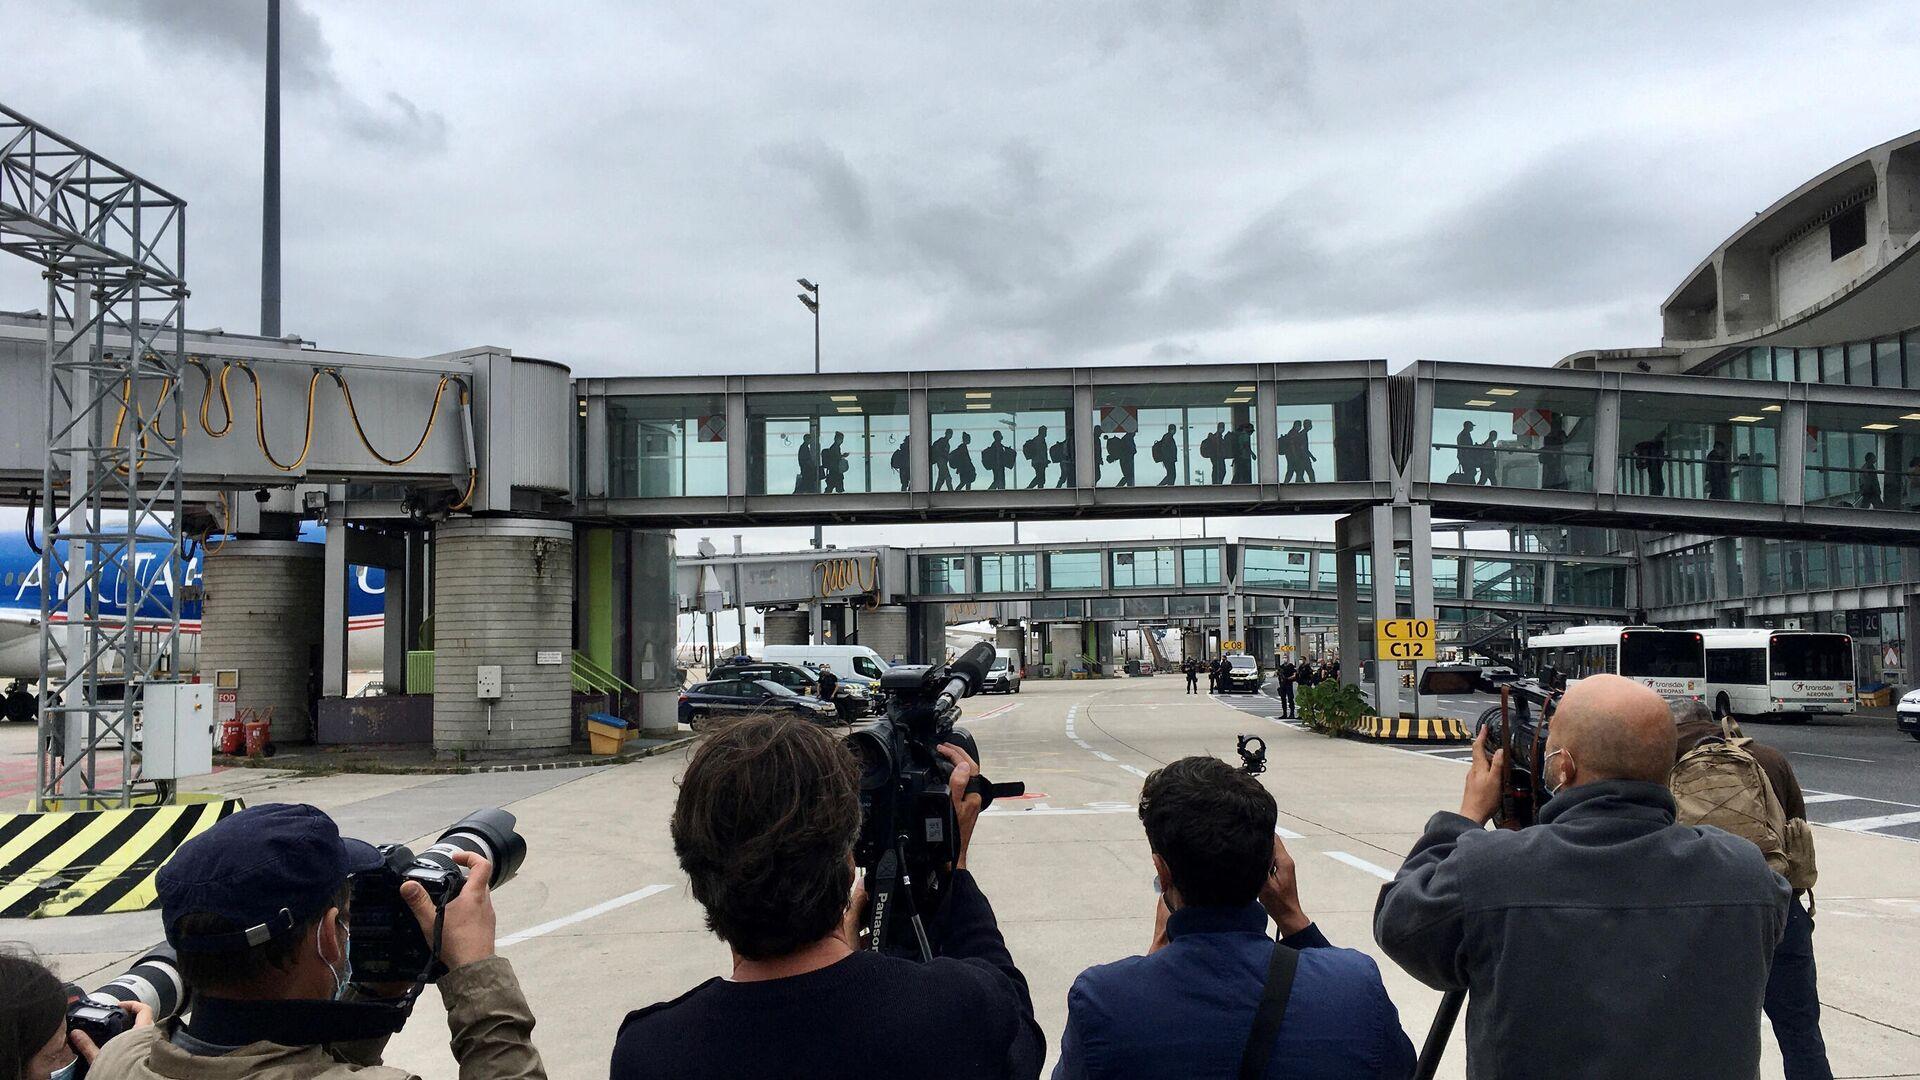 Journalisten fotografieren die Rückkehrer aus Afghanistan am Charles-de-Gaulle Flughafen (Symbolbild) - SNA, 1920, 19.09.2021